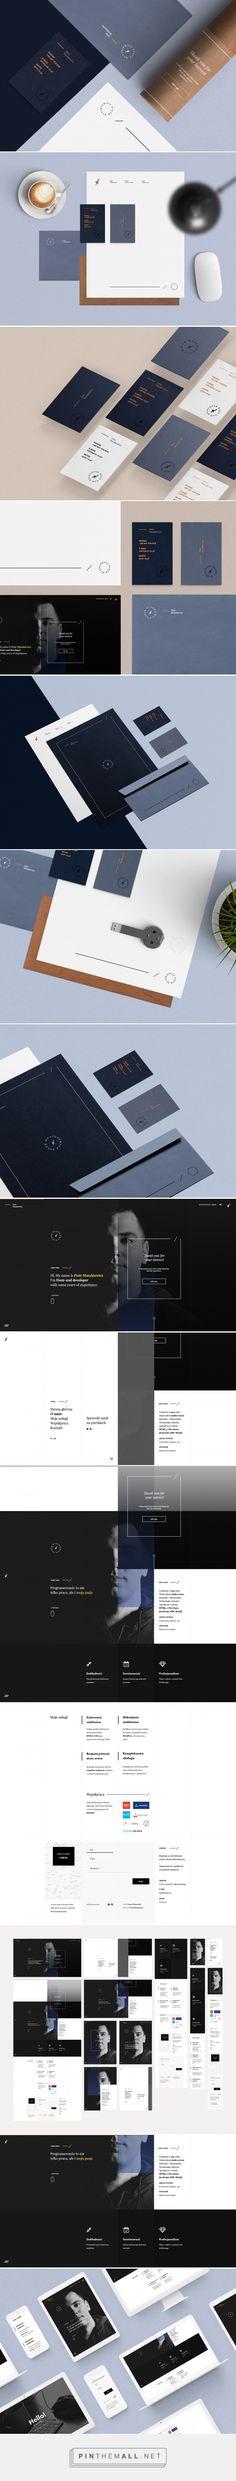 Piotr Muszkiewicz - Personal Branding & Website by Tomasz Mazurczak